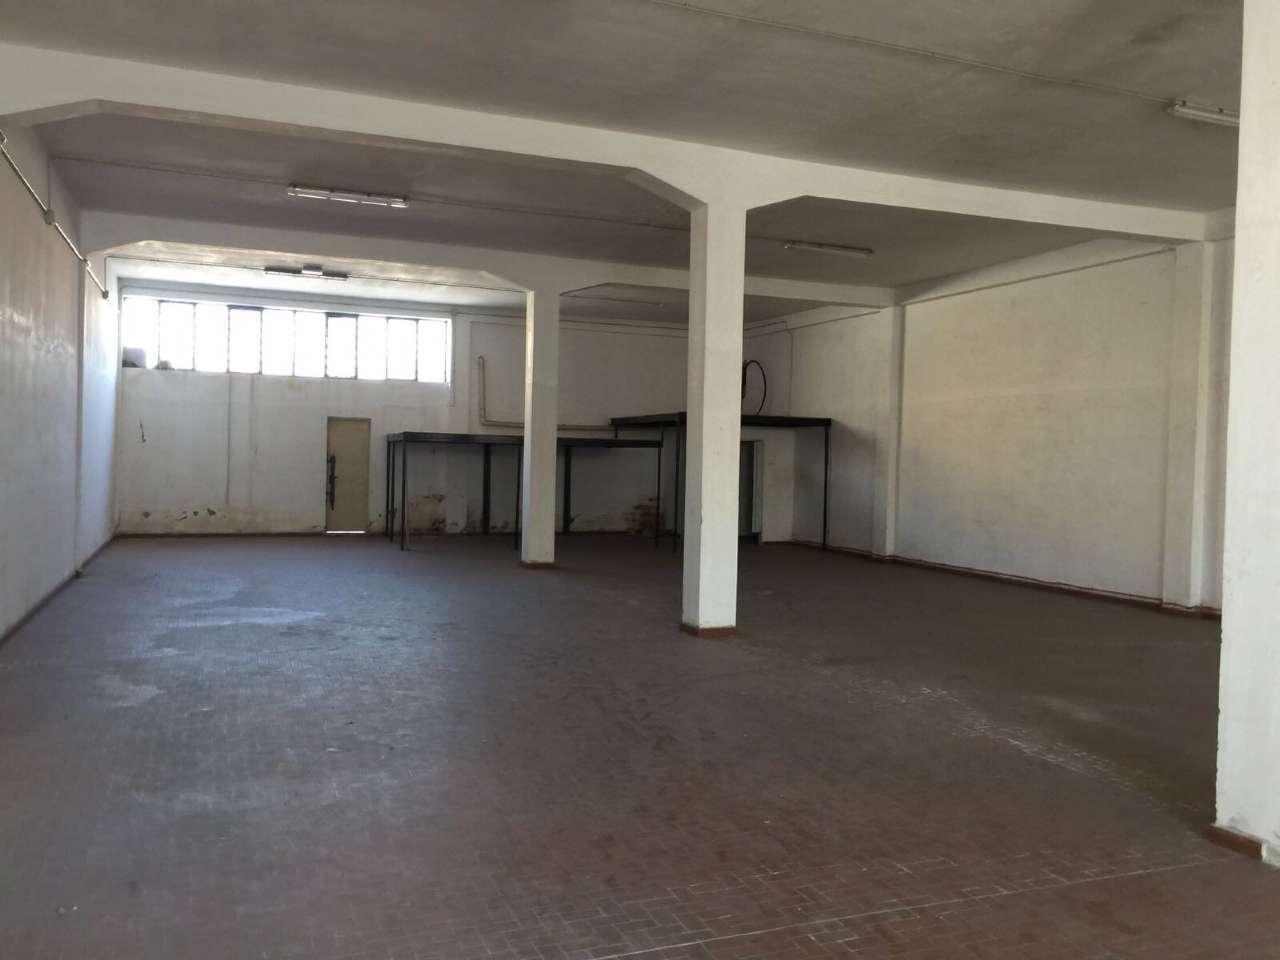 Capannone in affitto a Cercola, 1 locali, prezzo € 1.500 | Cambio Casa.it